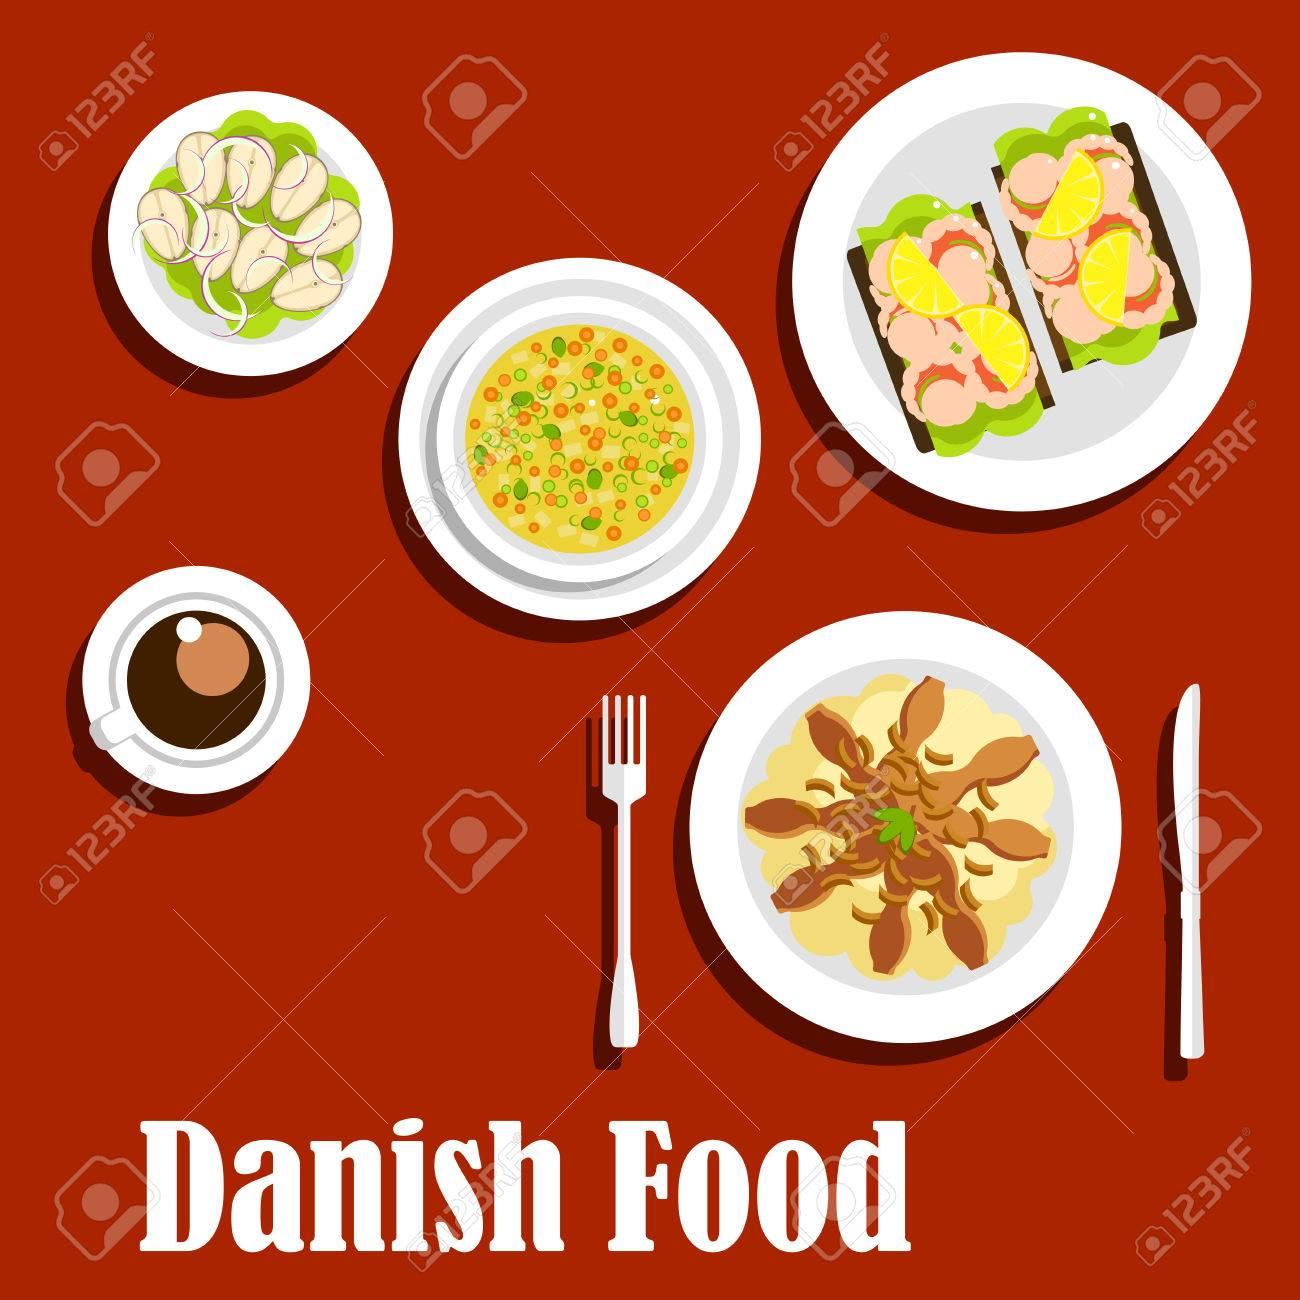 Iconos Planos Cocina Danesa Con Puré De Patatas Tradicionales ...